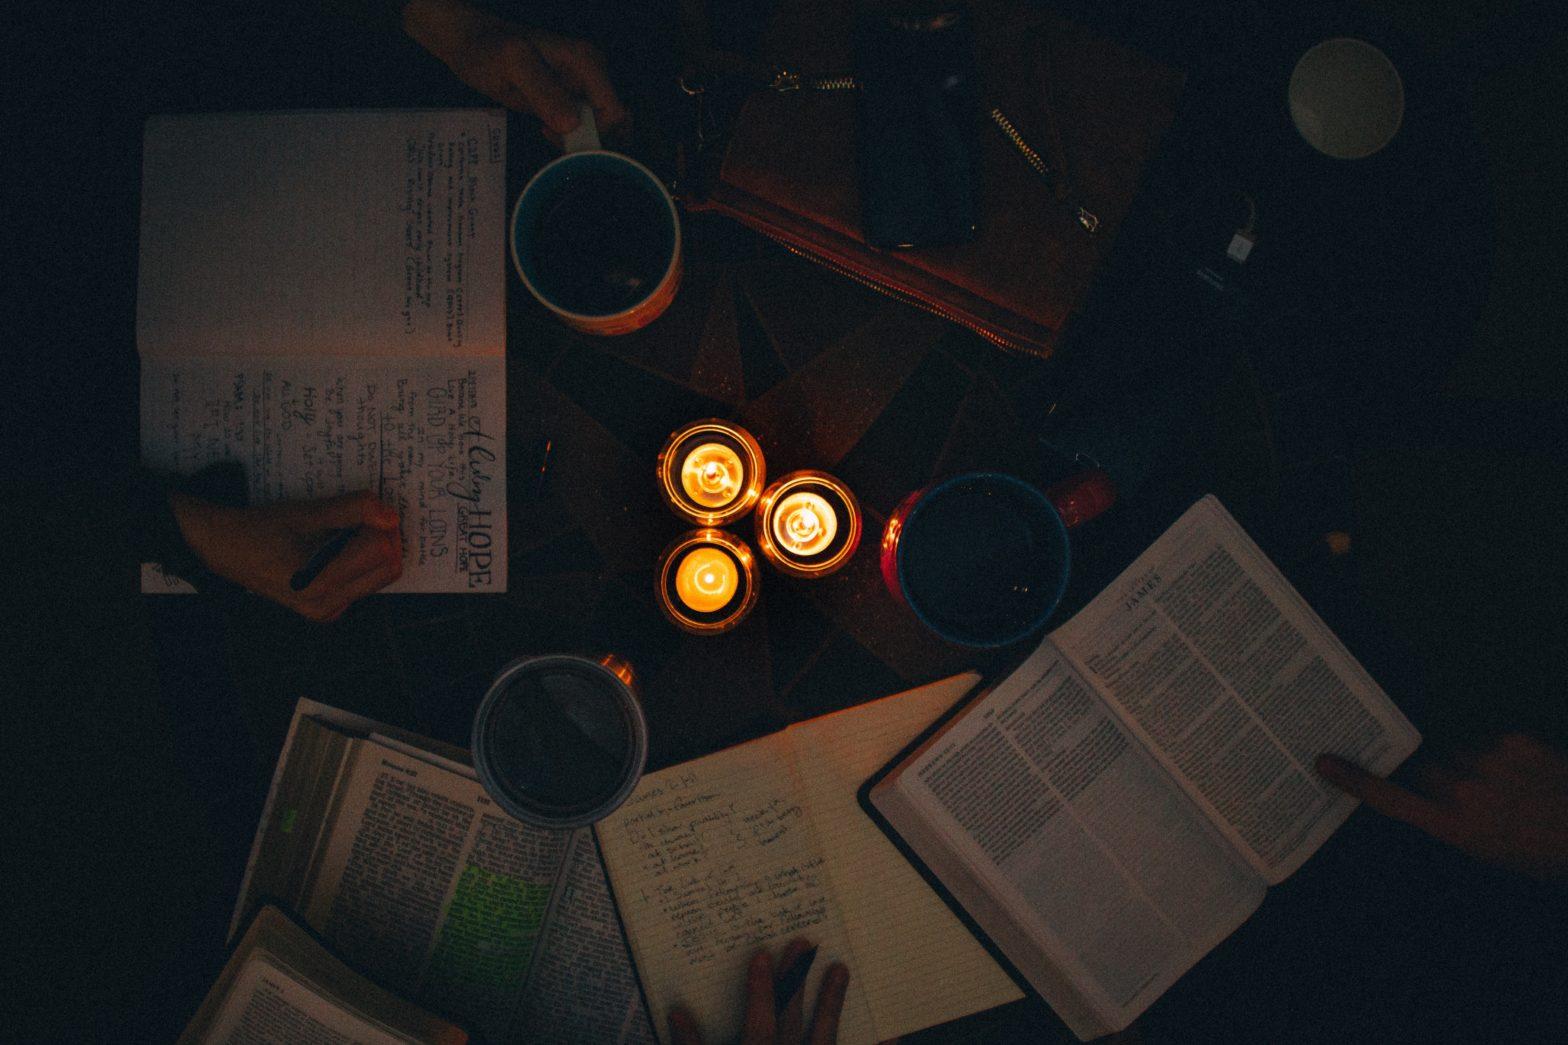 Lese und schreiben auf Kerzenlicht